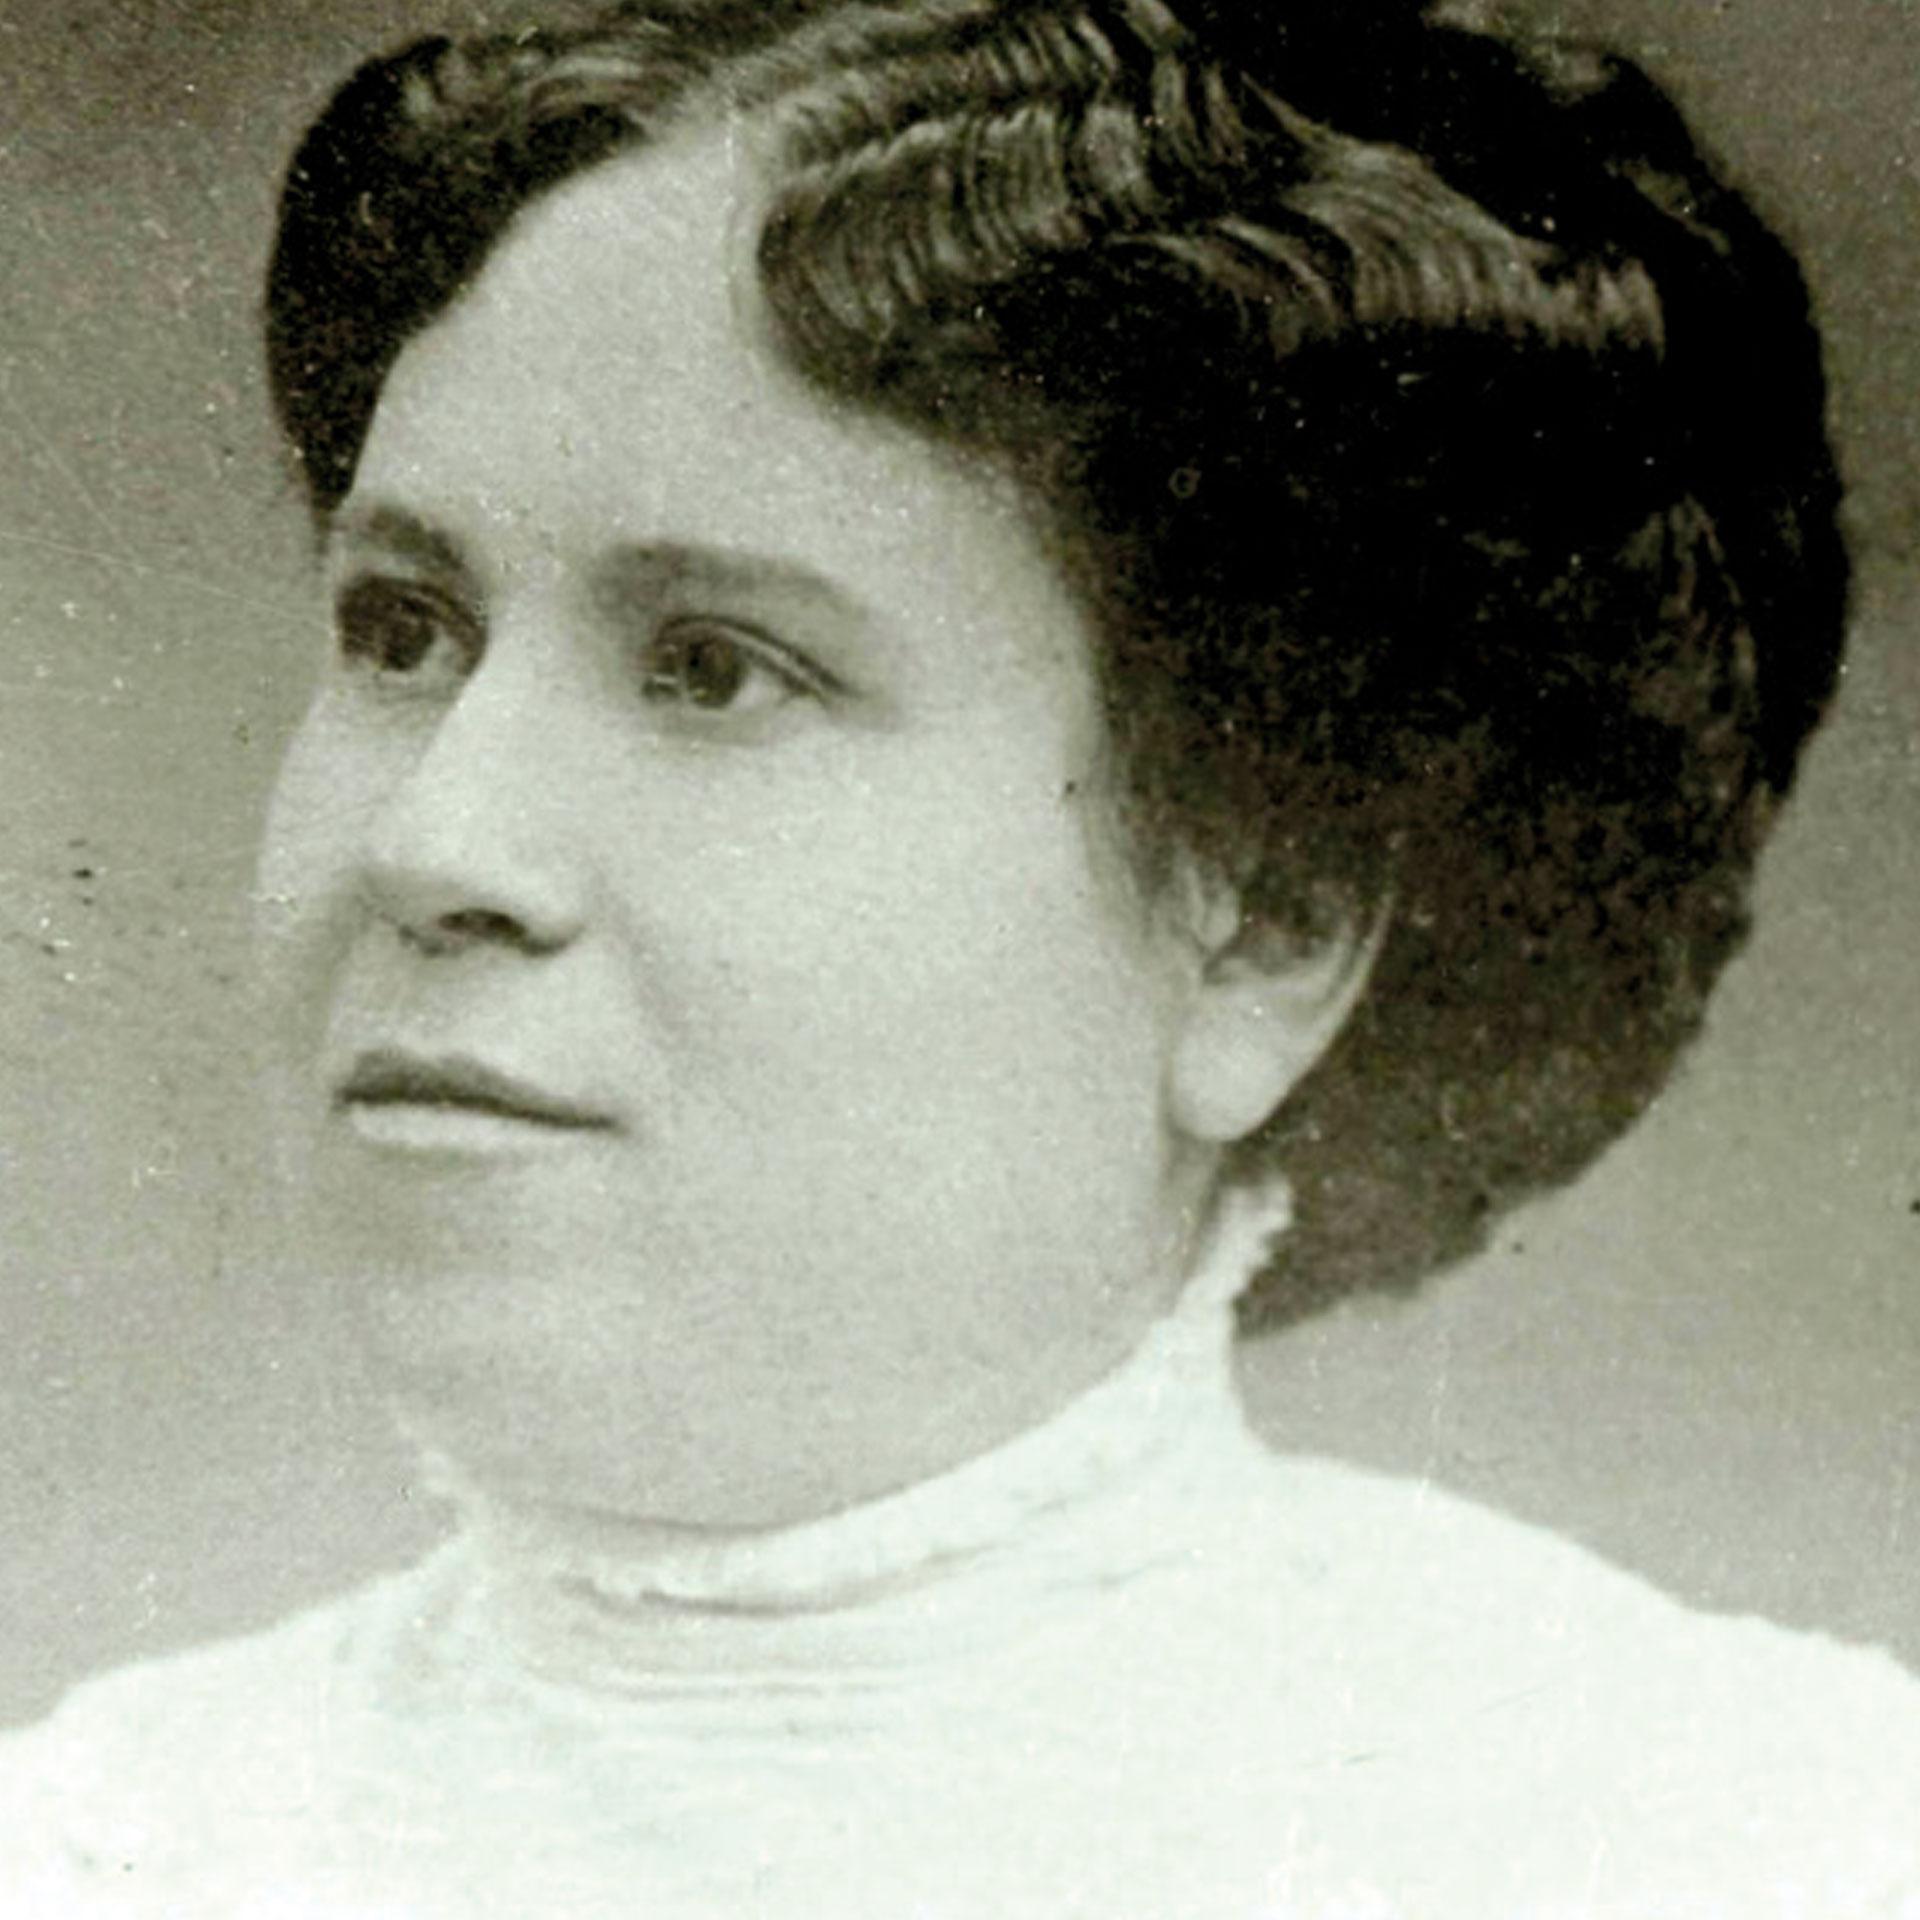 Julieta Lanteri (1873-1932), una italiana que se nacionalizó argentina, fue la primera mujer en América en emitir el voto. Lo hizo en 1911.